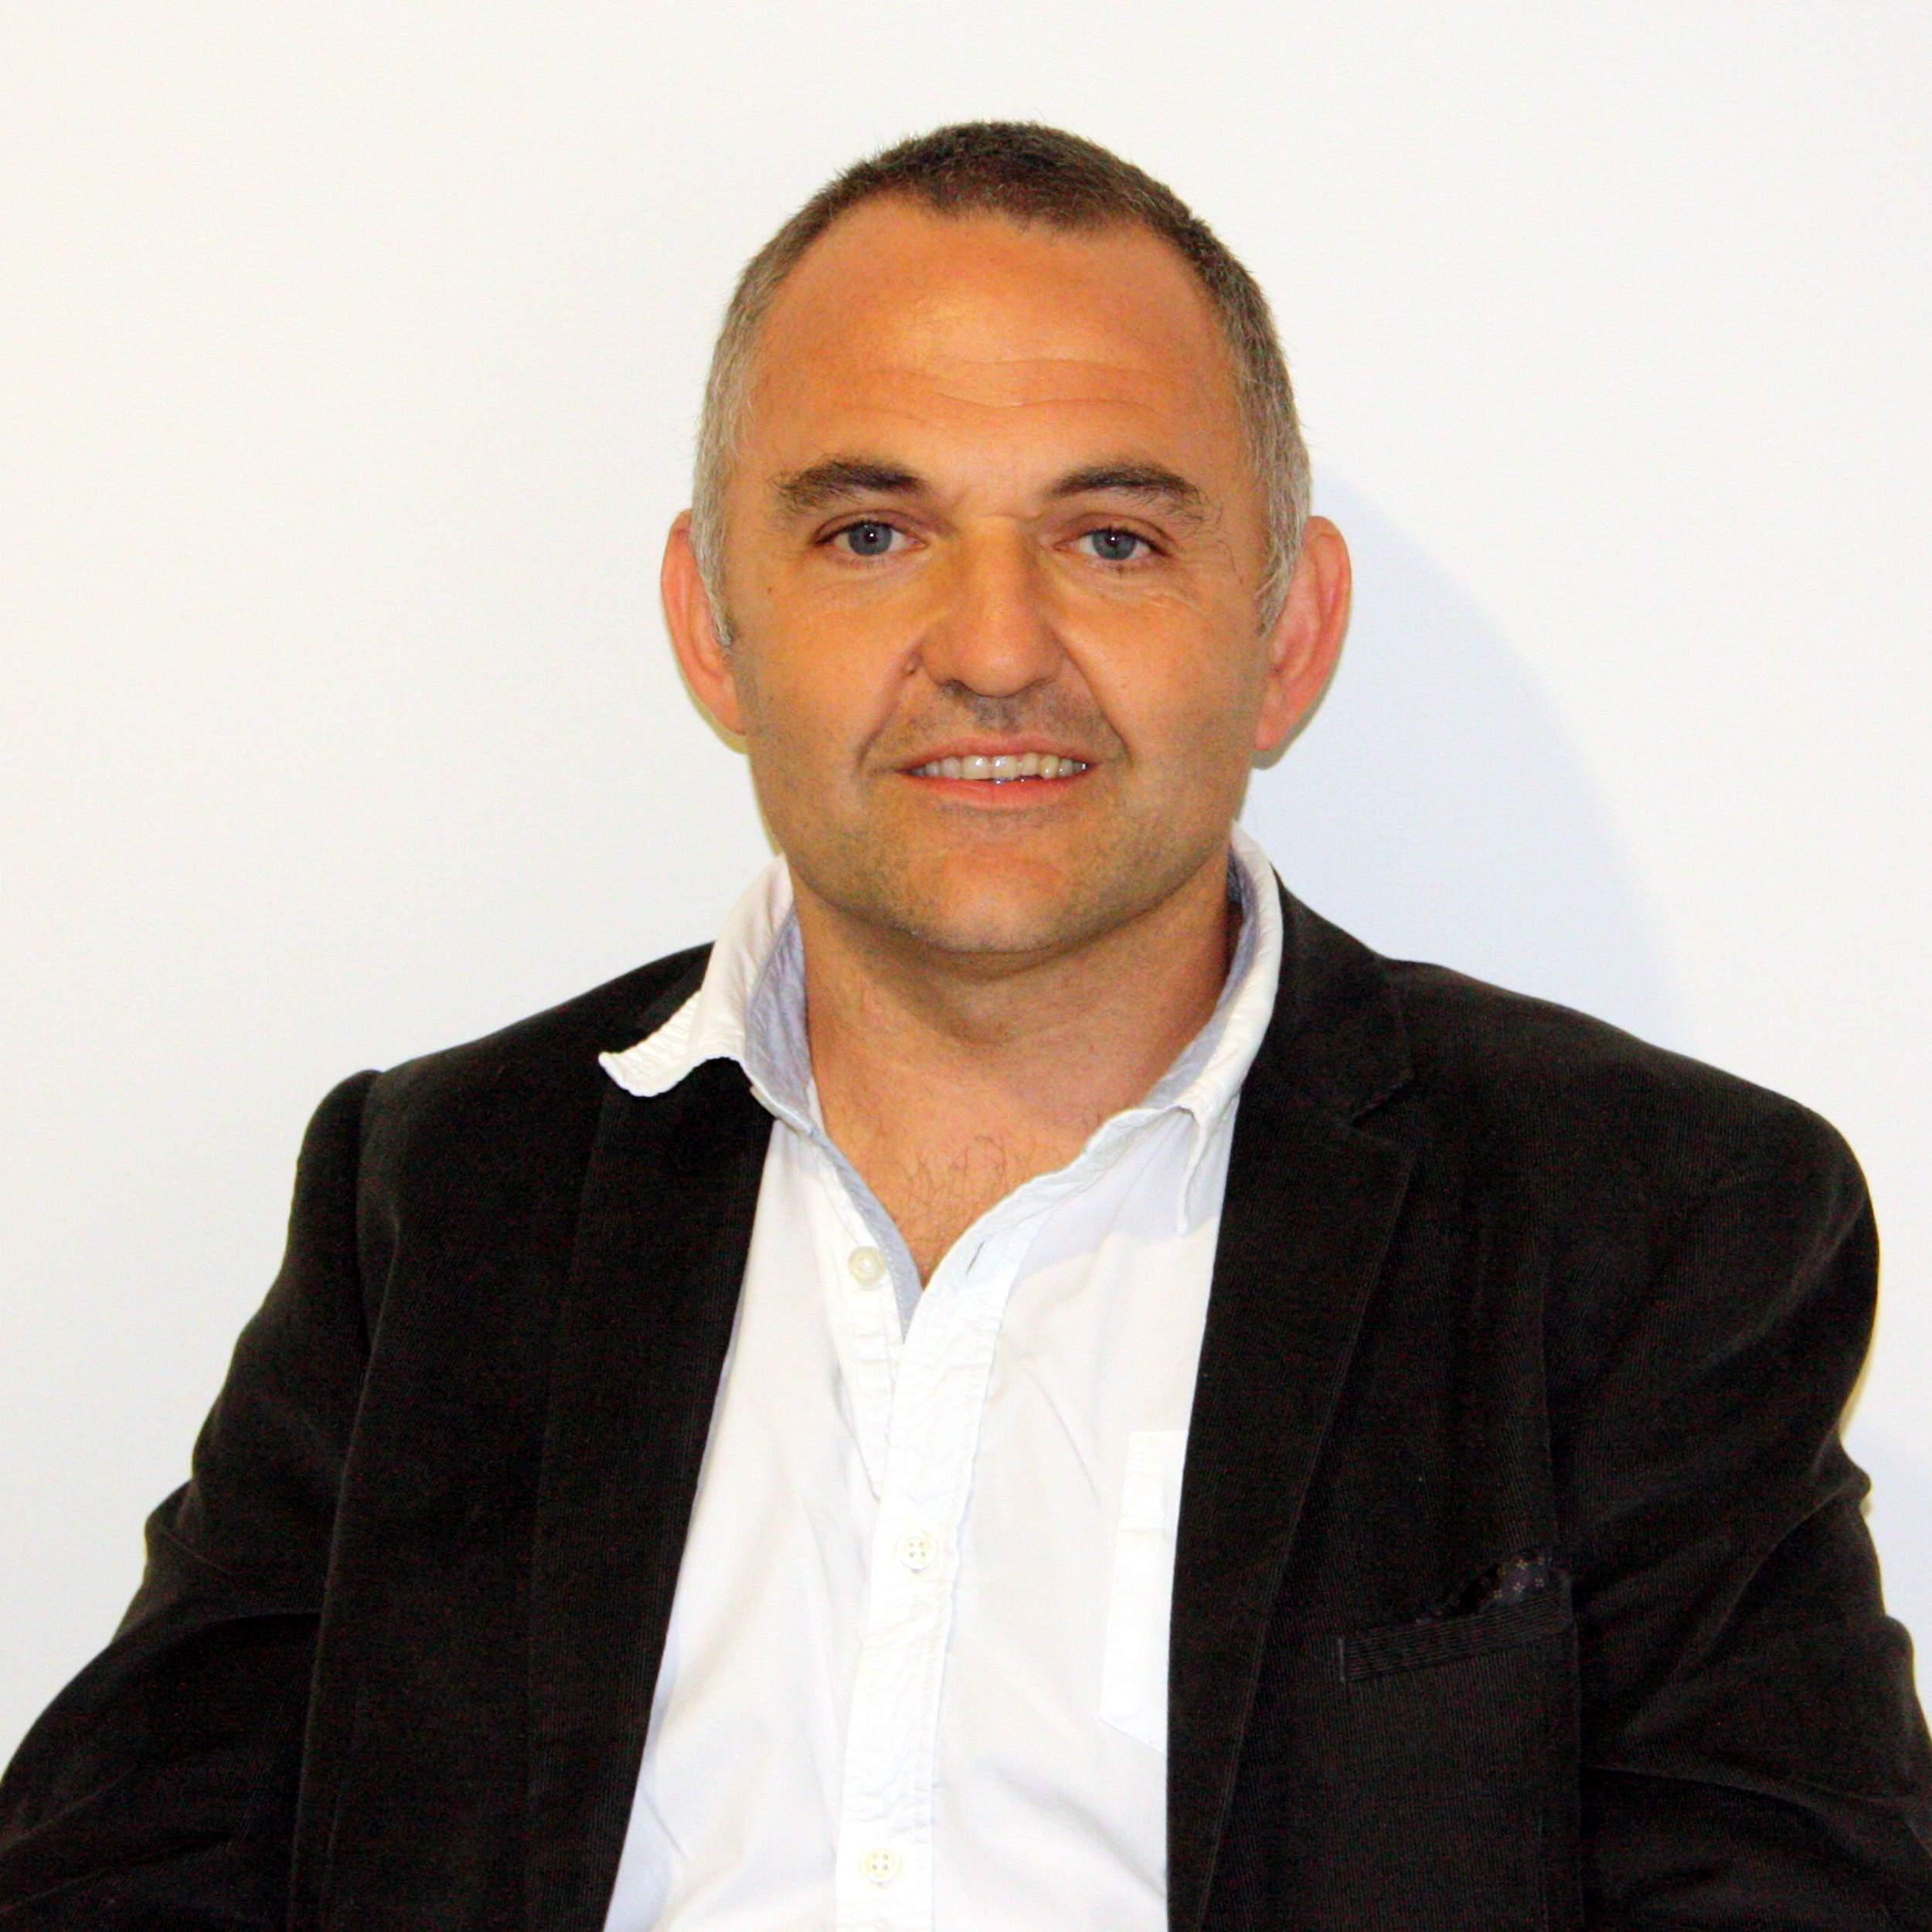 Le vice-président Jérôme Fabriès